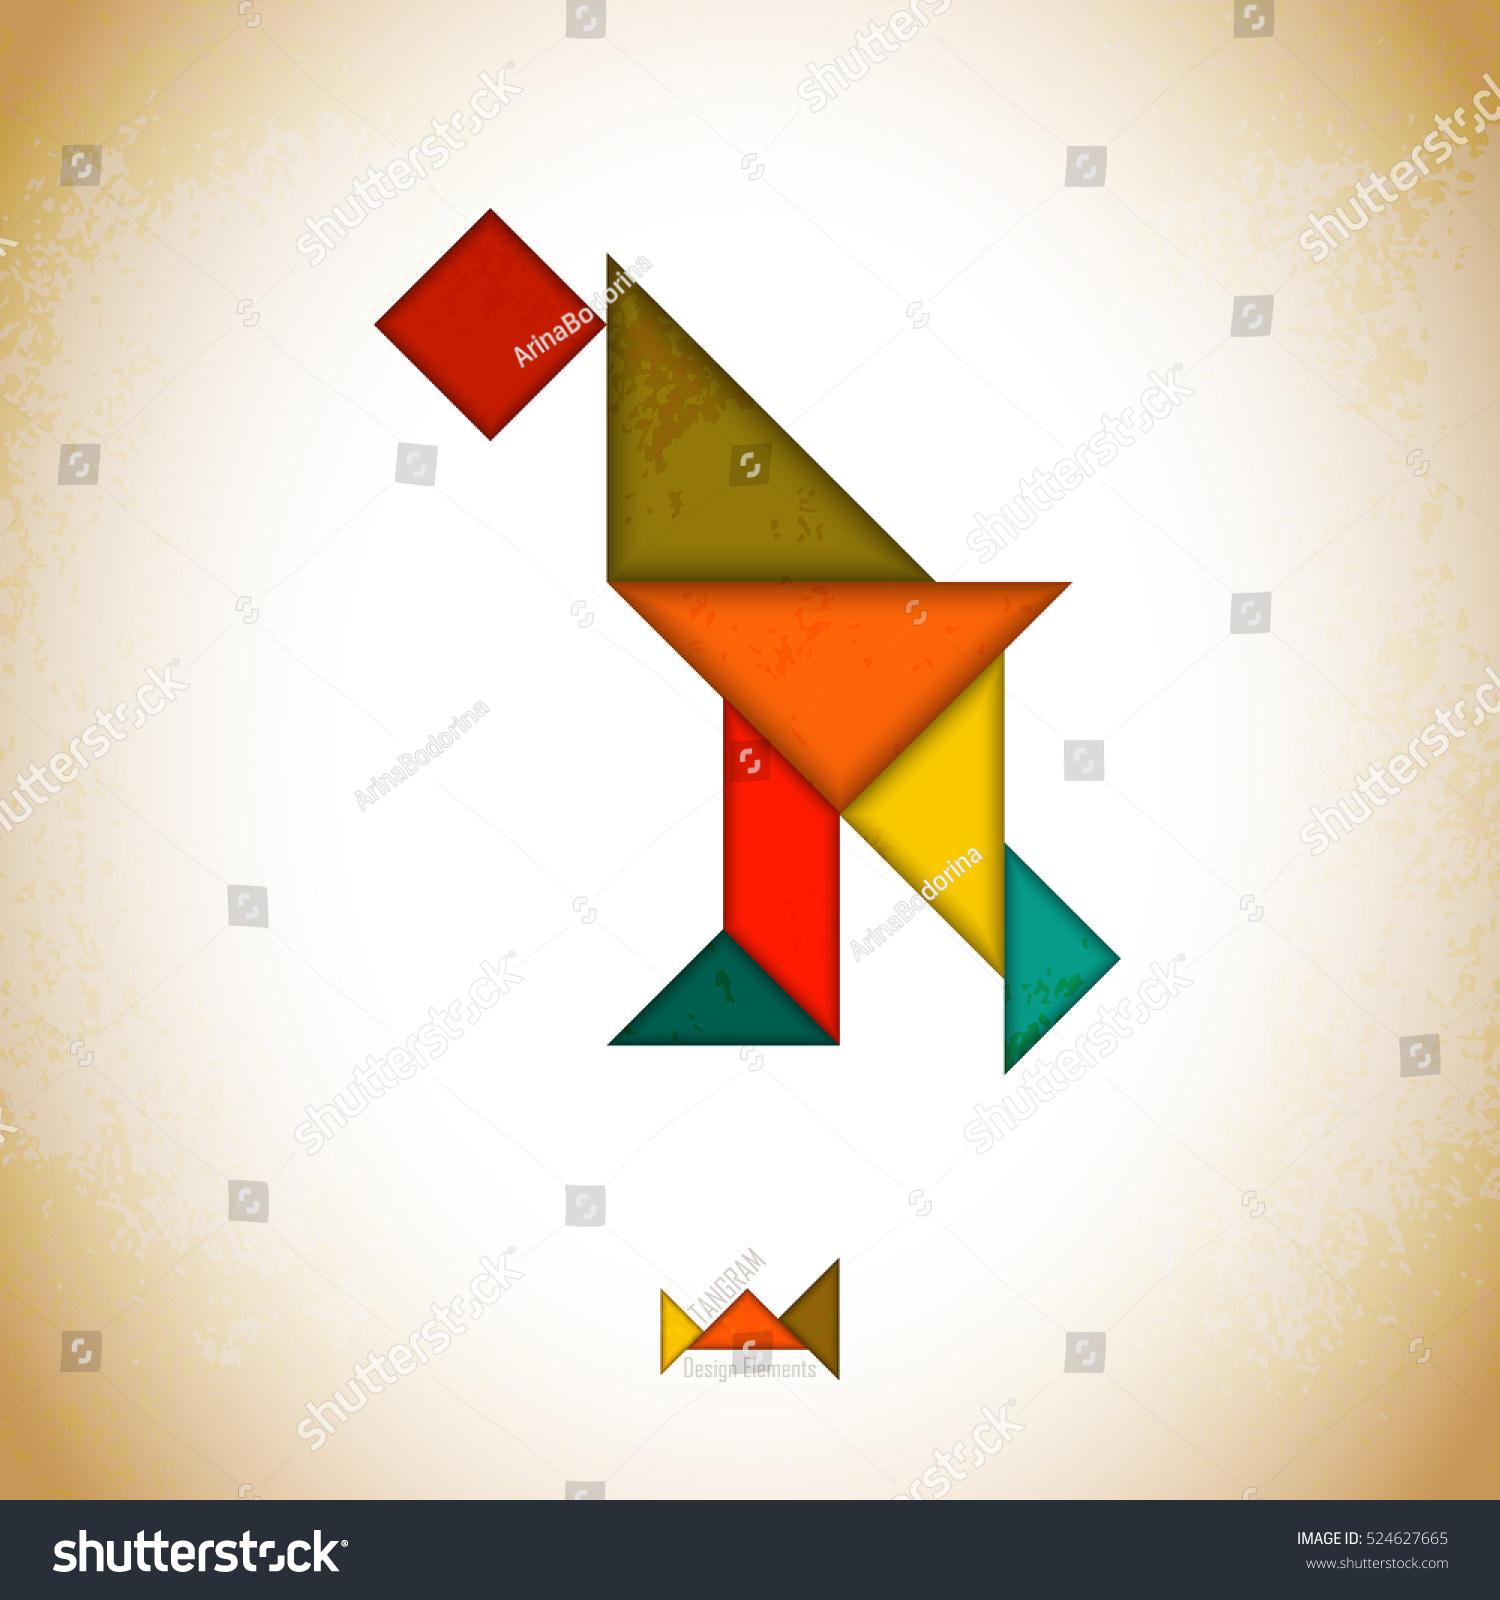 Tangram Peoplel Made Tangram Pieces Geometric Stock Vector tout Pièces Tangram